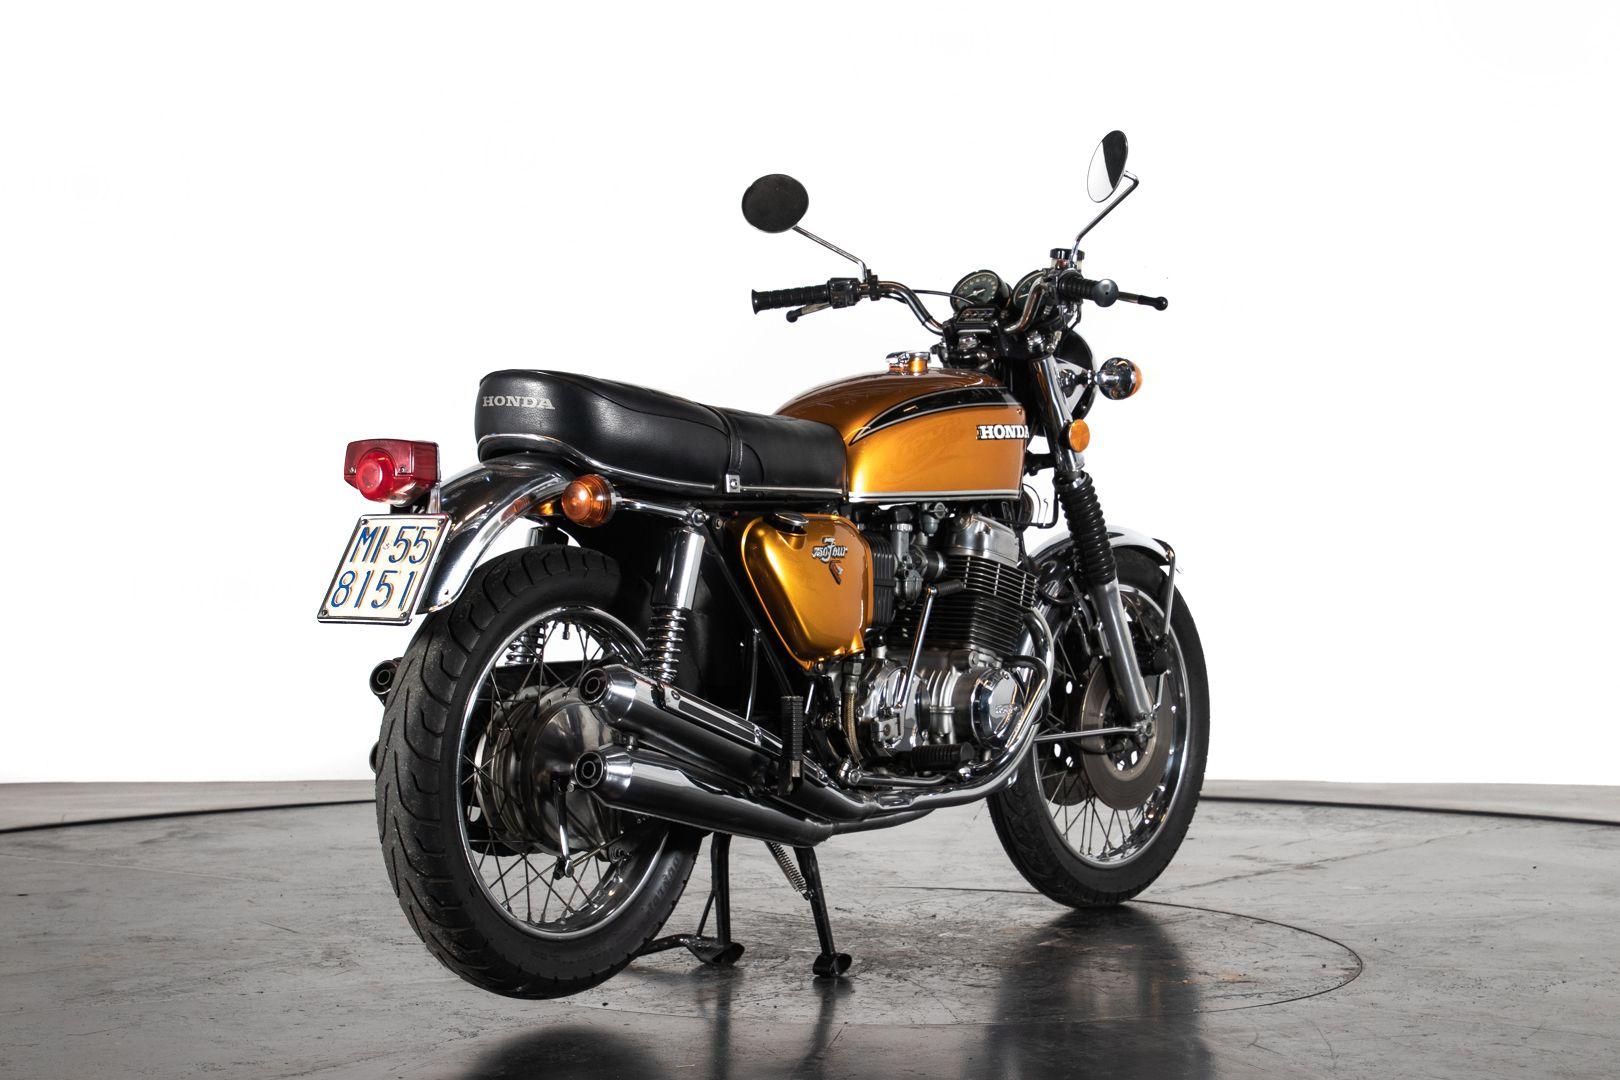 1972 Honda CB 750 Four 46588